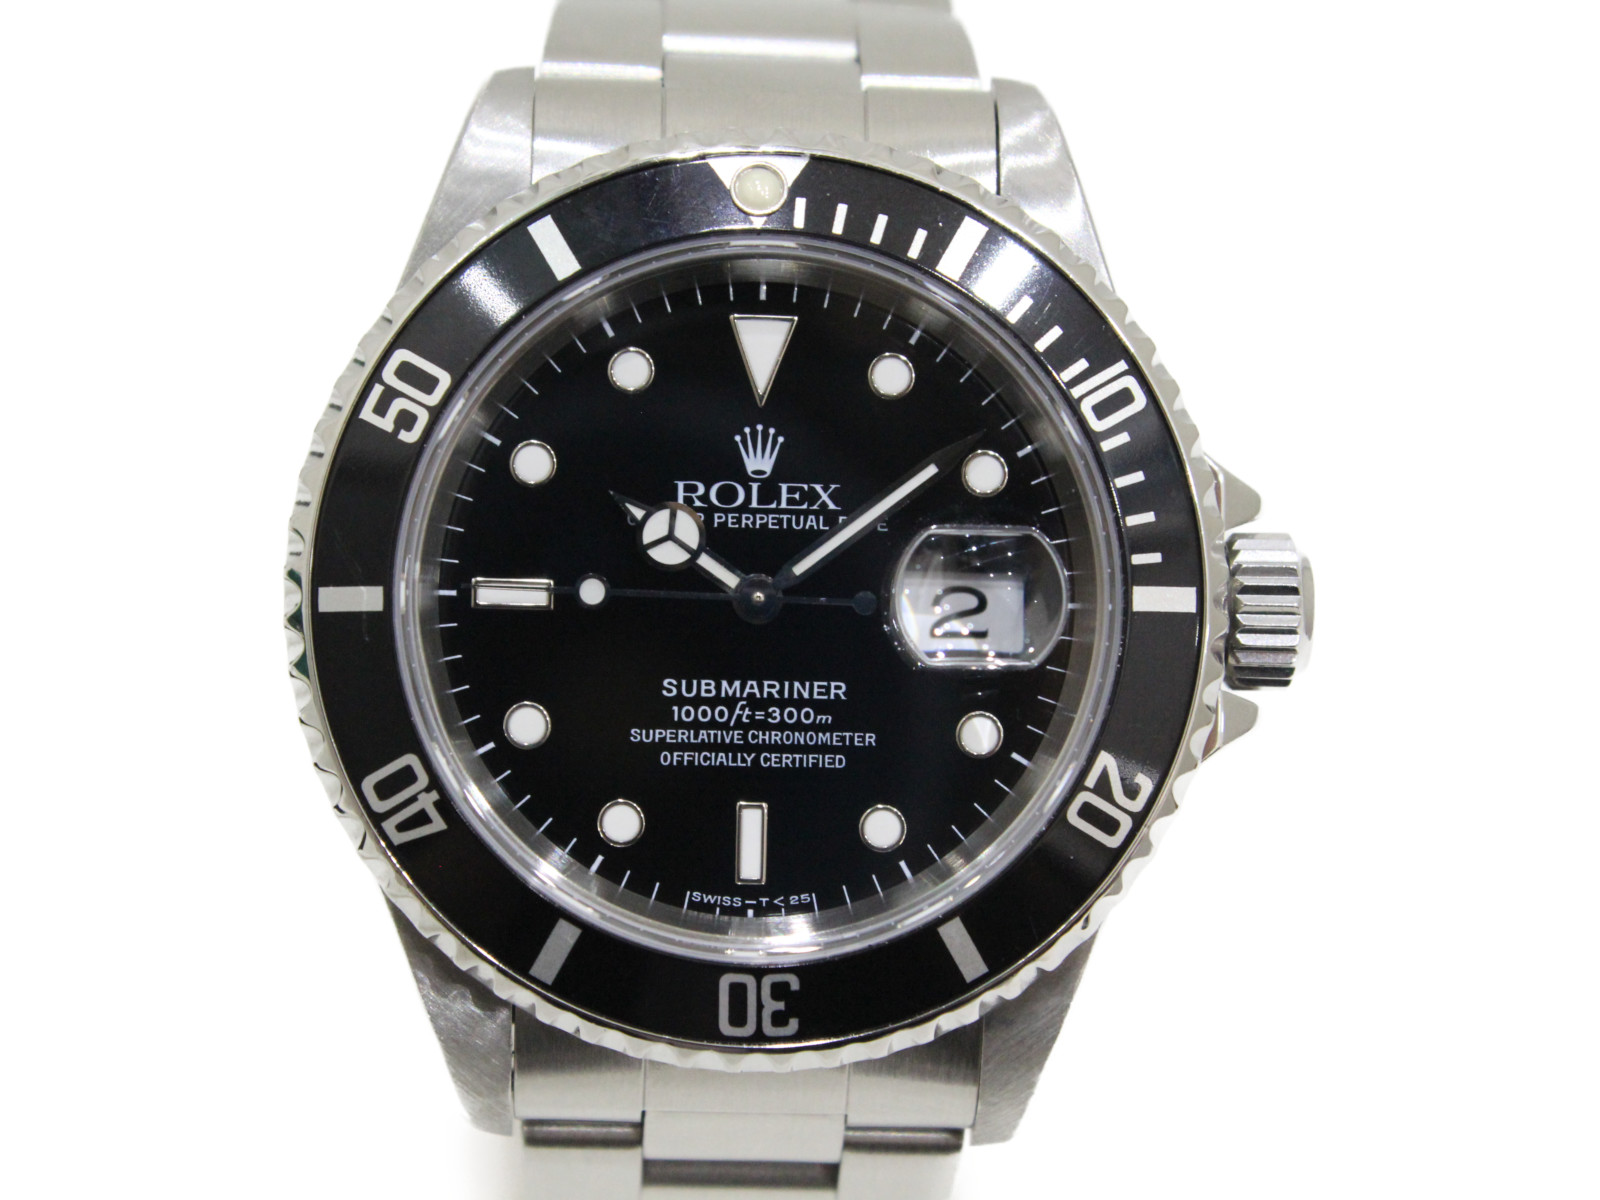 【OH済み】ROLEX ロレックス サブマリーナーデイト 16610 T番 1996年頃 自動巻き SS ステンレススチール ブラック メンズ 腕時計【中古】